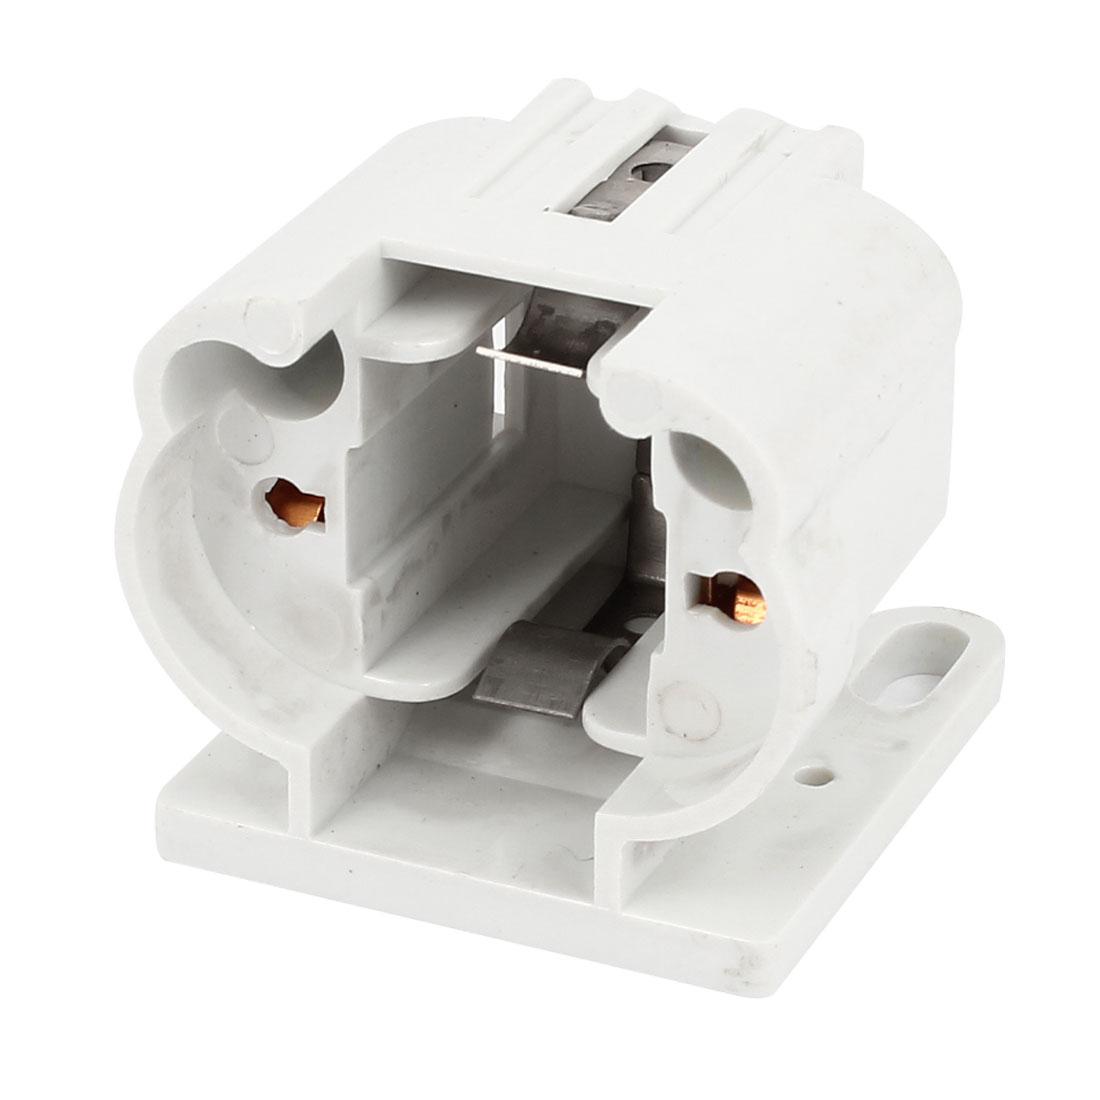 AC 220V 80W G23 Socket Energy Saving Lamp Holder Adapter